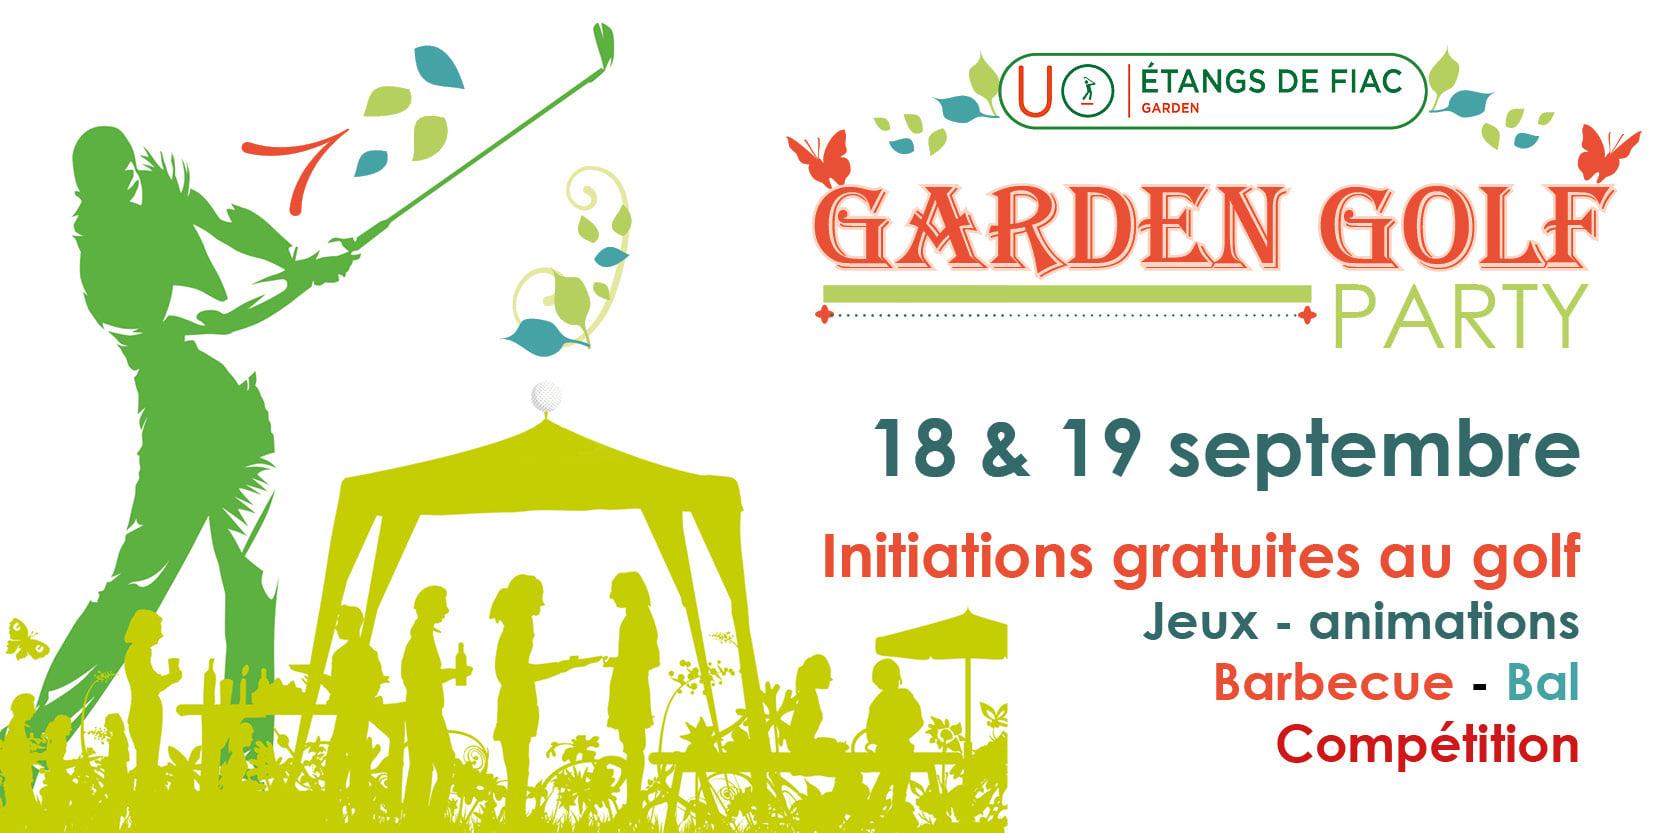 Garden golf party